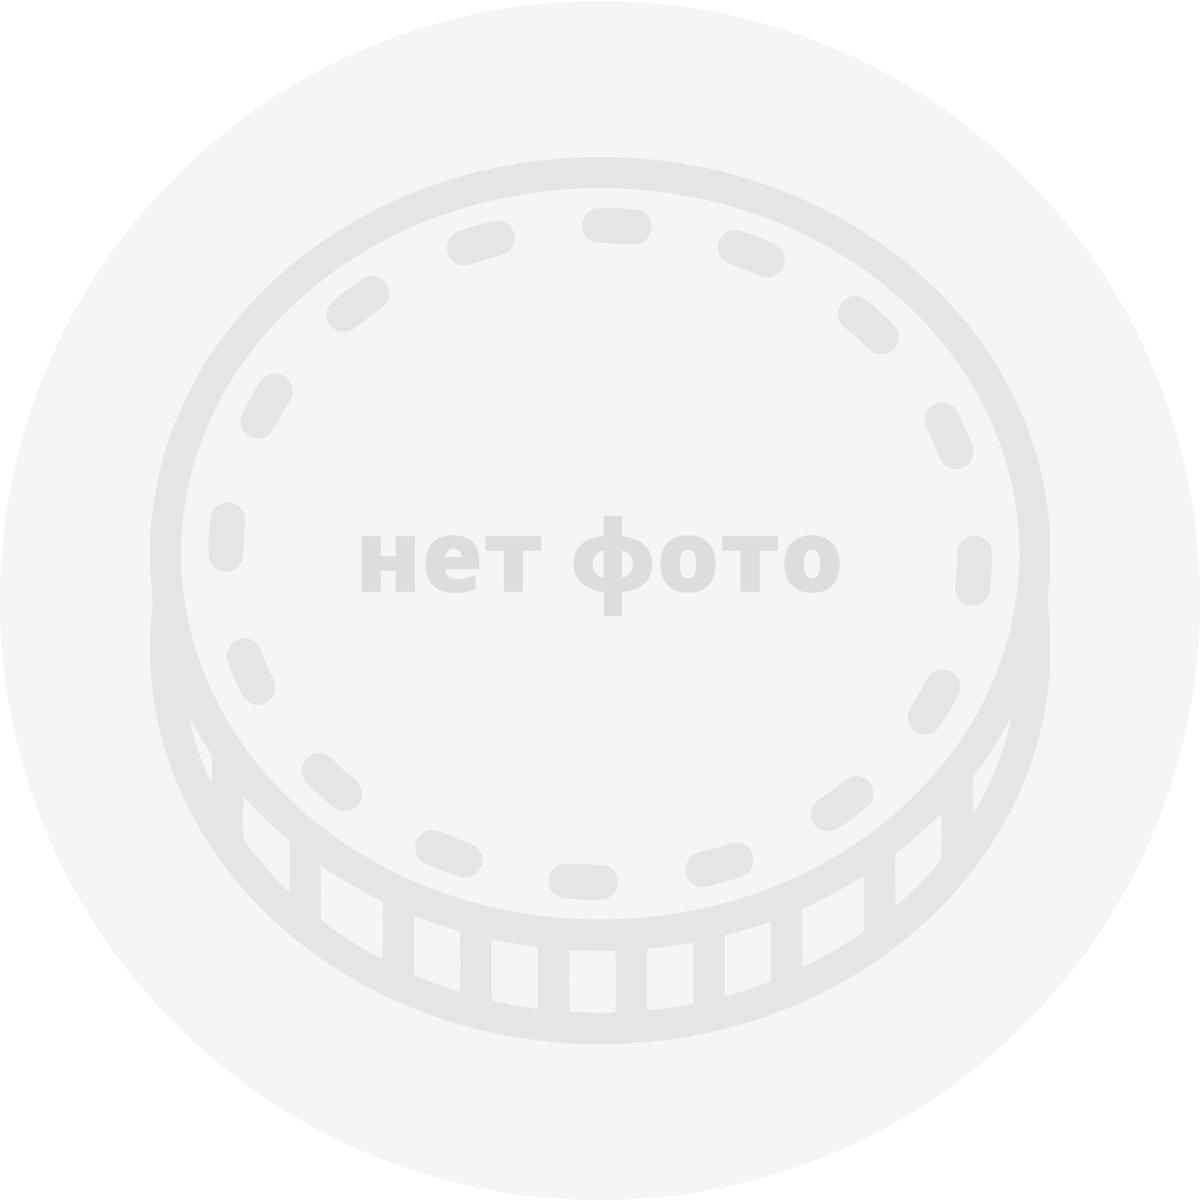 Вид-Рункель, 1/4 стюбера (1756 г.)